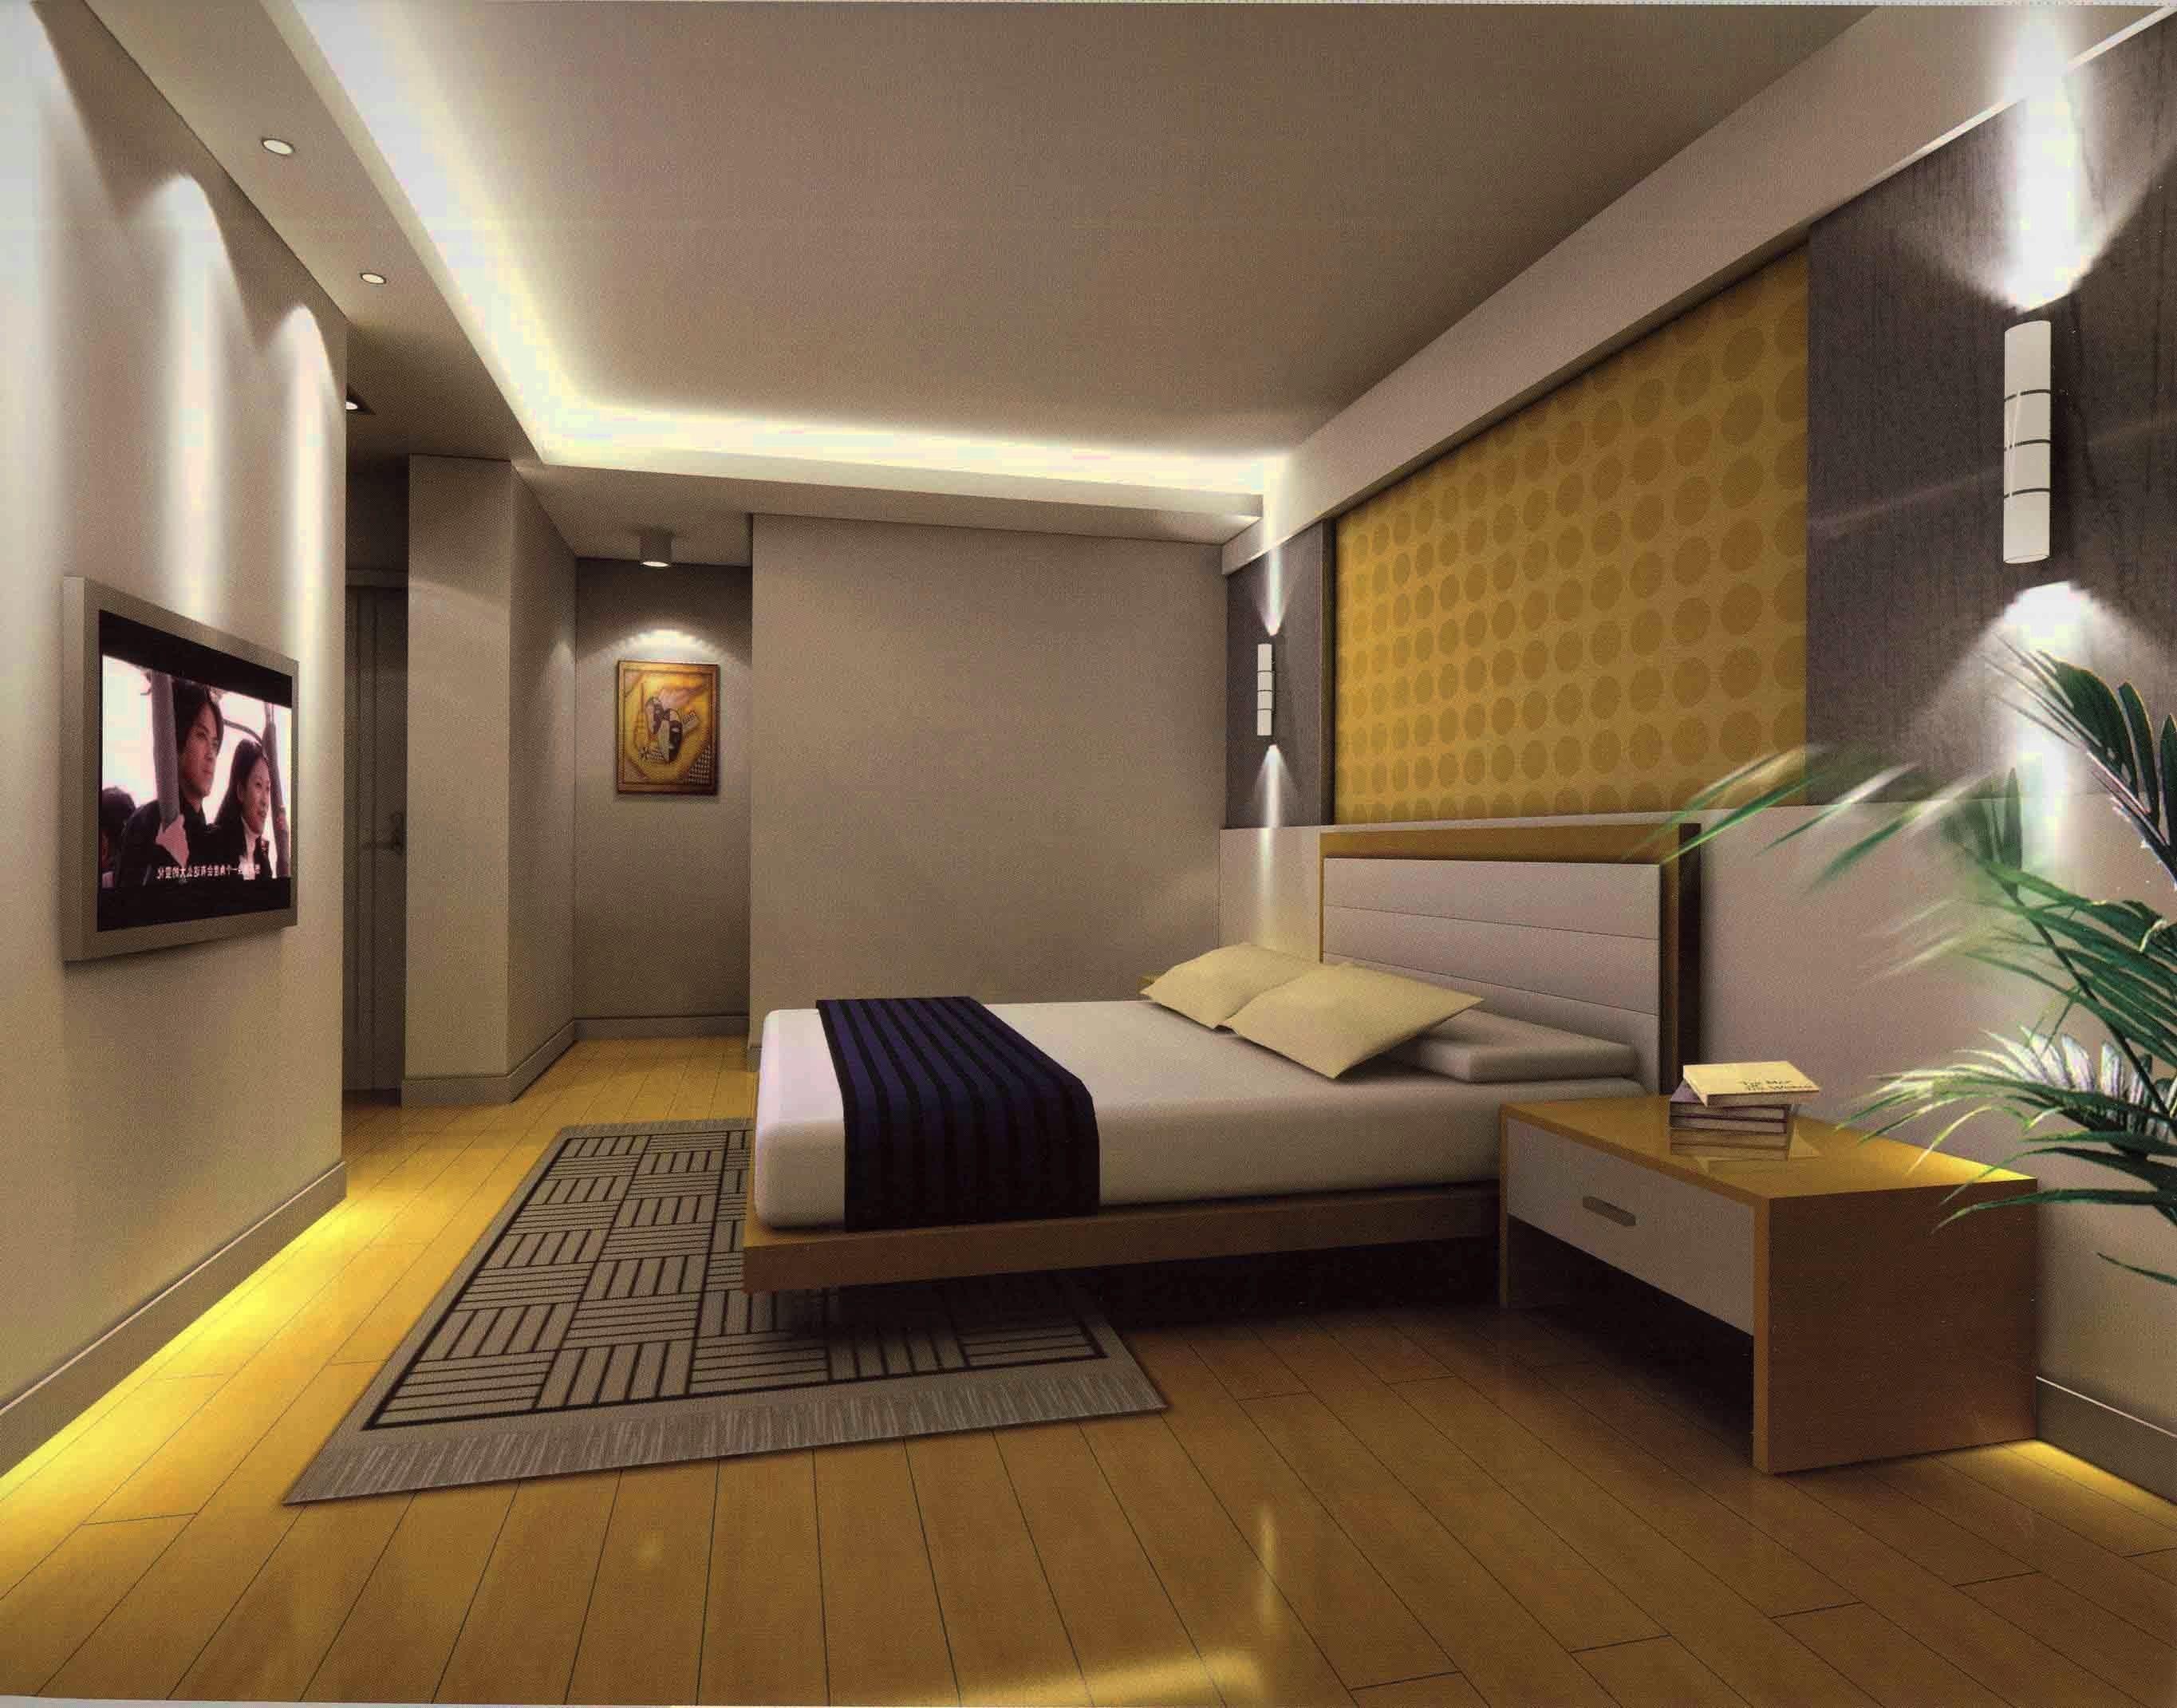 Best Bedrooms Designs Small Bedroom Storage Ideas Best Bedroom Designer Idea  Http